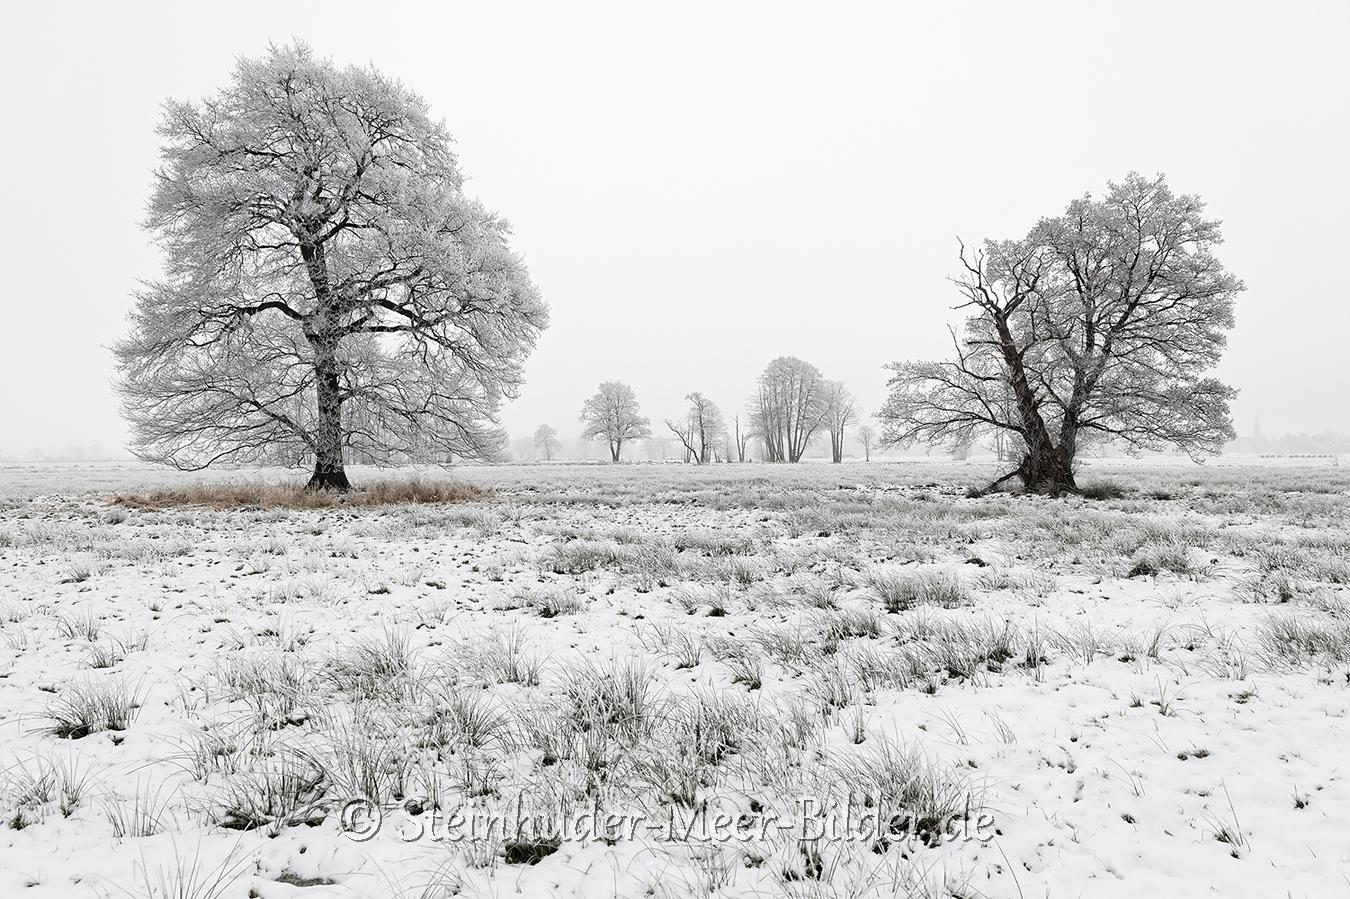 hagenburg--winter-steinhuder-meer-eis-schnee-zugefroren-eisdecke-naturpark-naturraum-region-C_SAM0256 Kopie